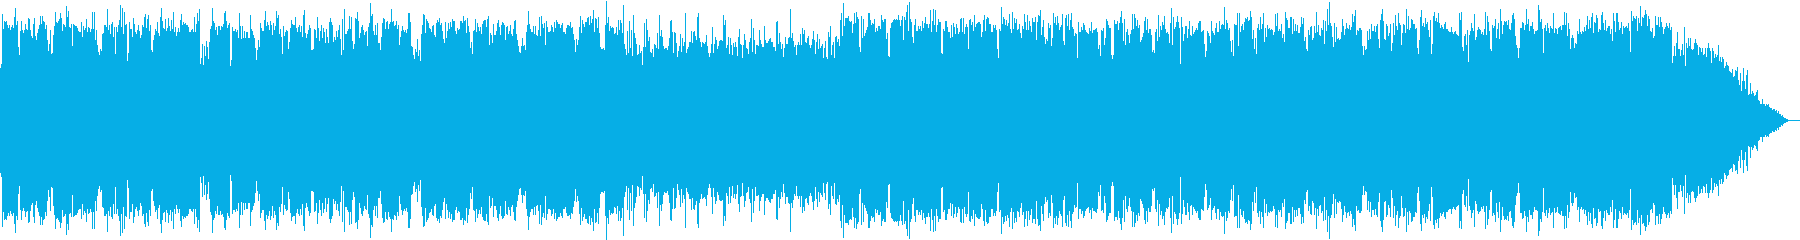 ほのぼのとした優しい竹笛の音楽の再生済みの波形